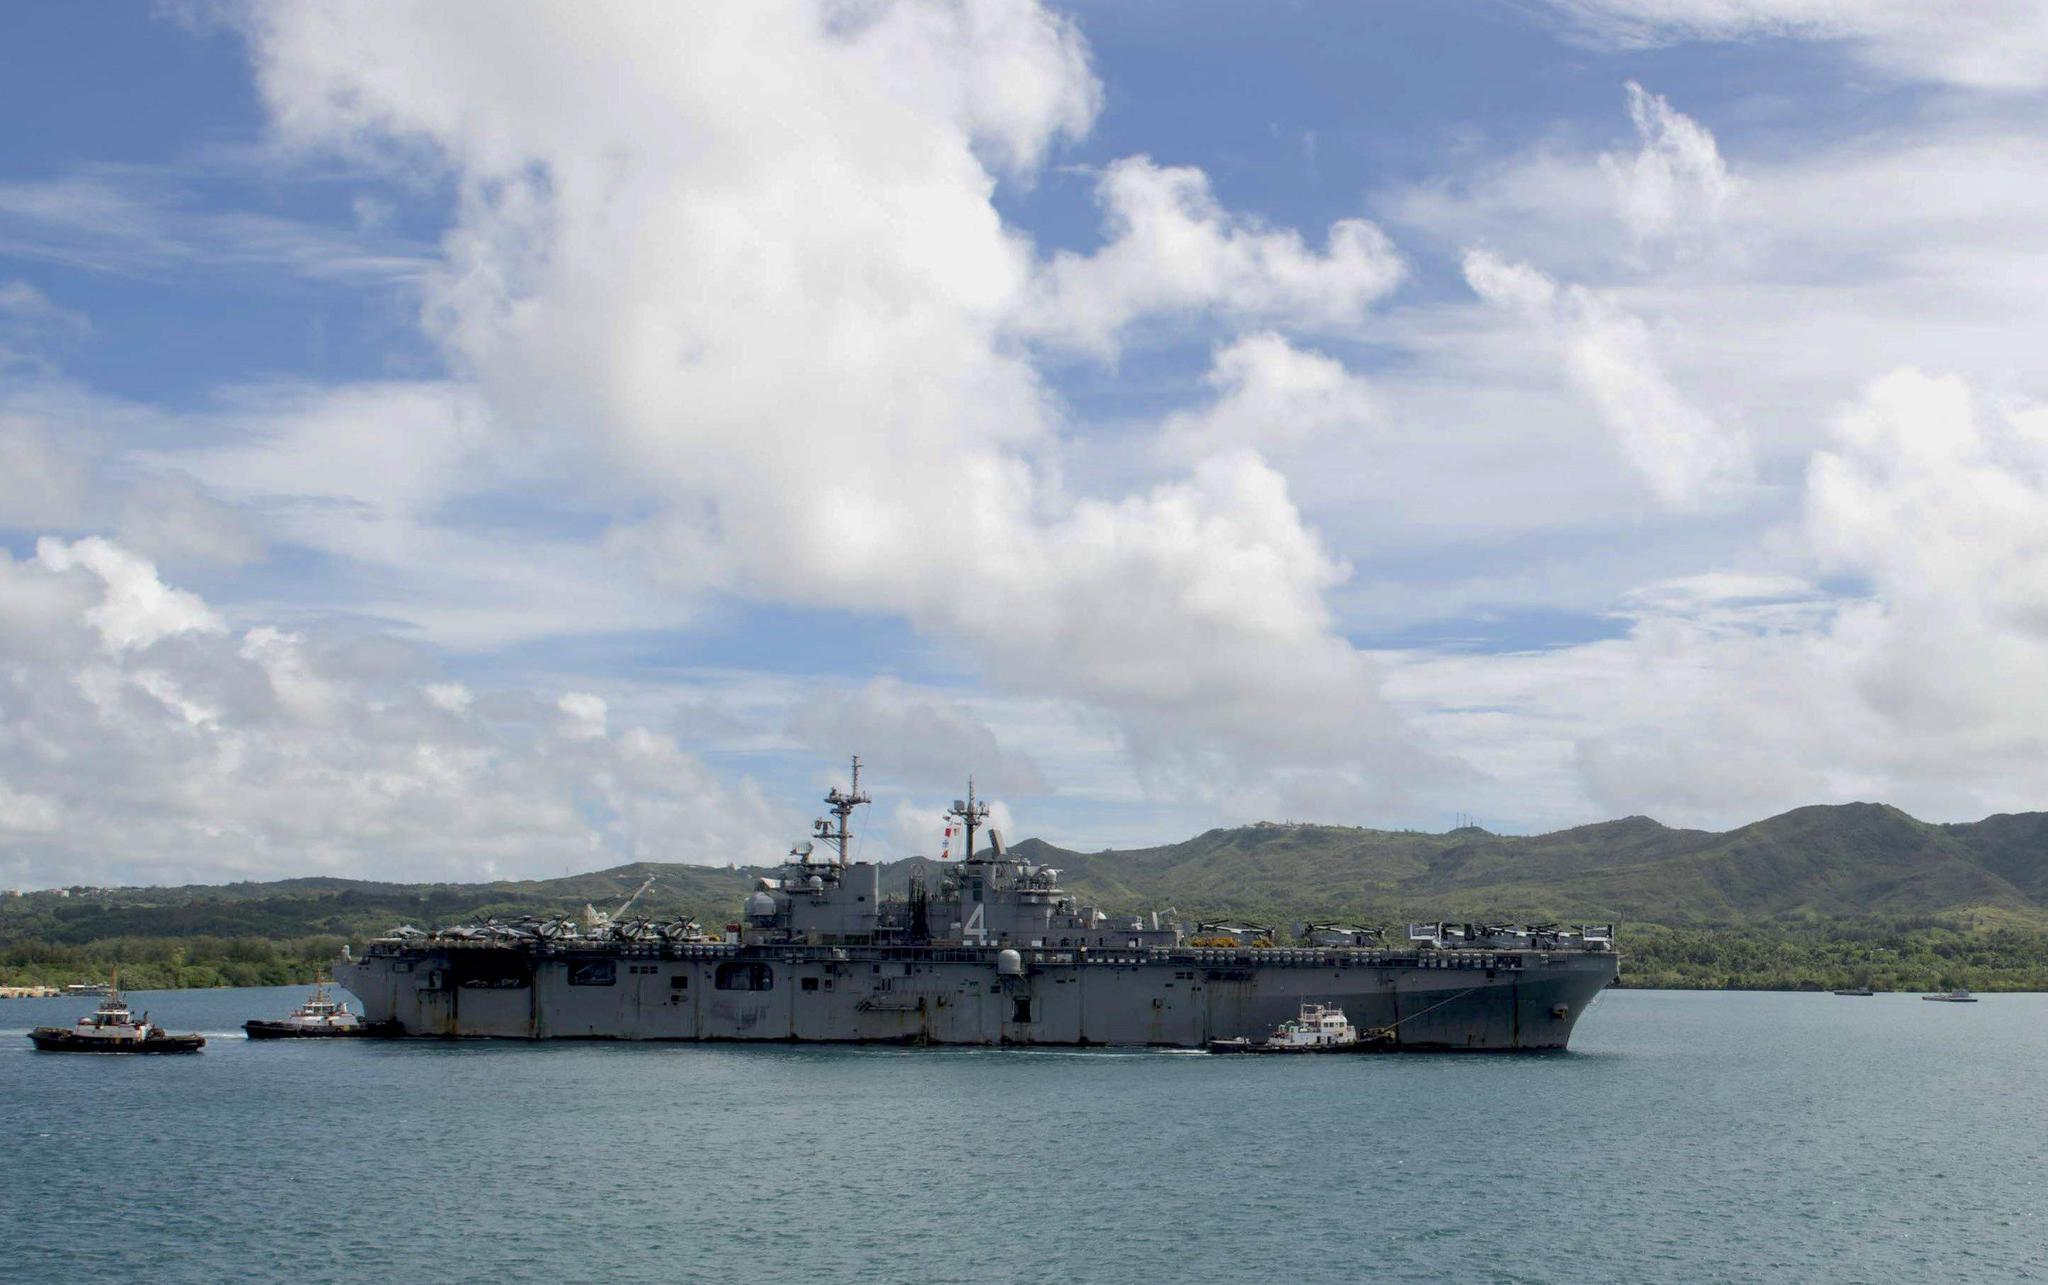 财大气粗拥有11艘航母,中东仅有1战斗群,美海军战略遭遇再质疑